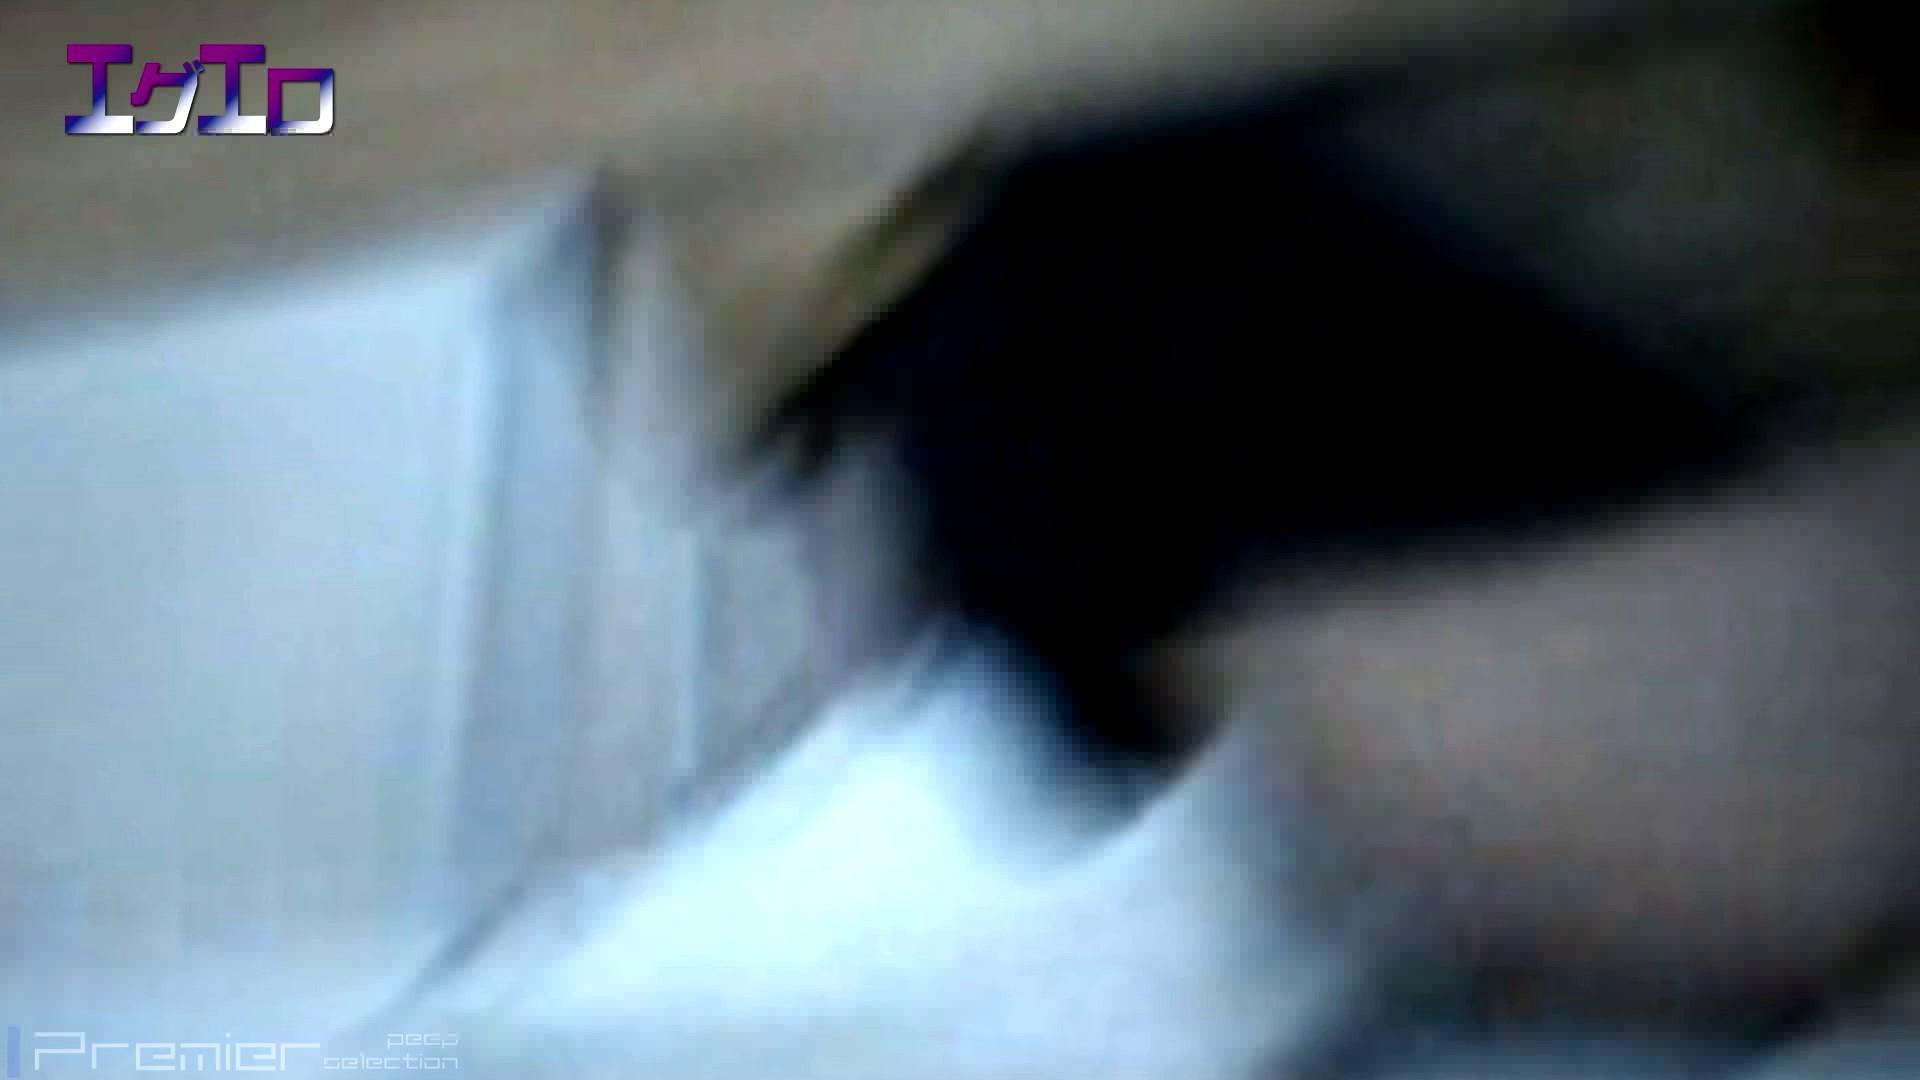 至近距離洗面所 Vol.10ブルージーンズギャルの大放nyo 洗面所 エロ画像 59pic 23